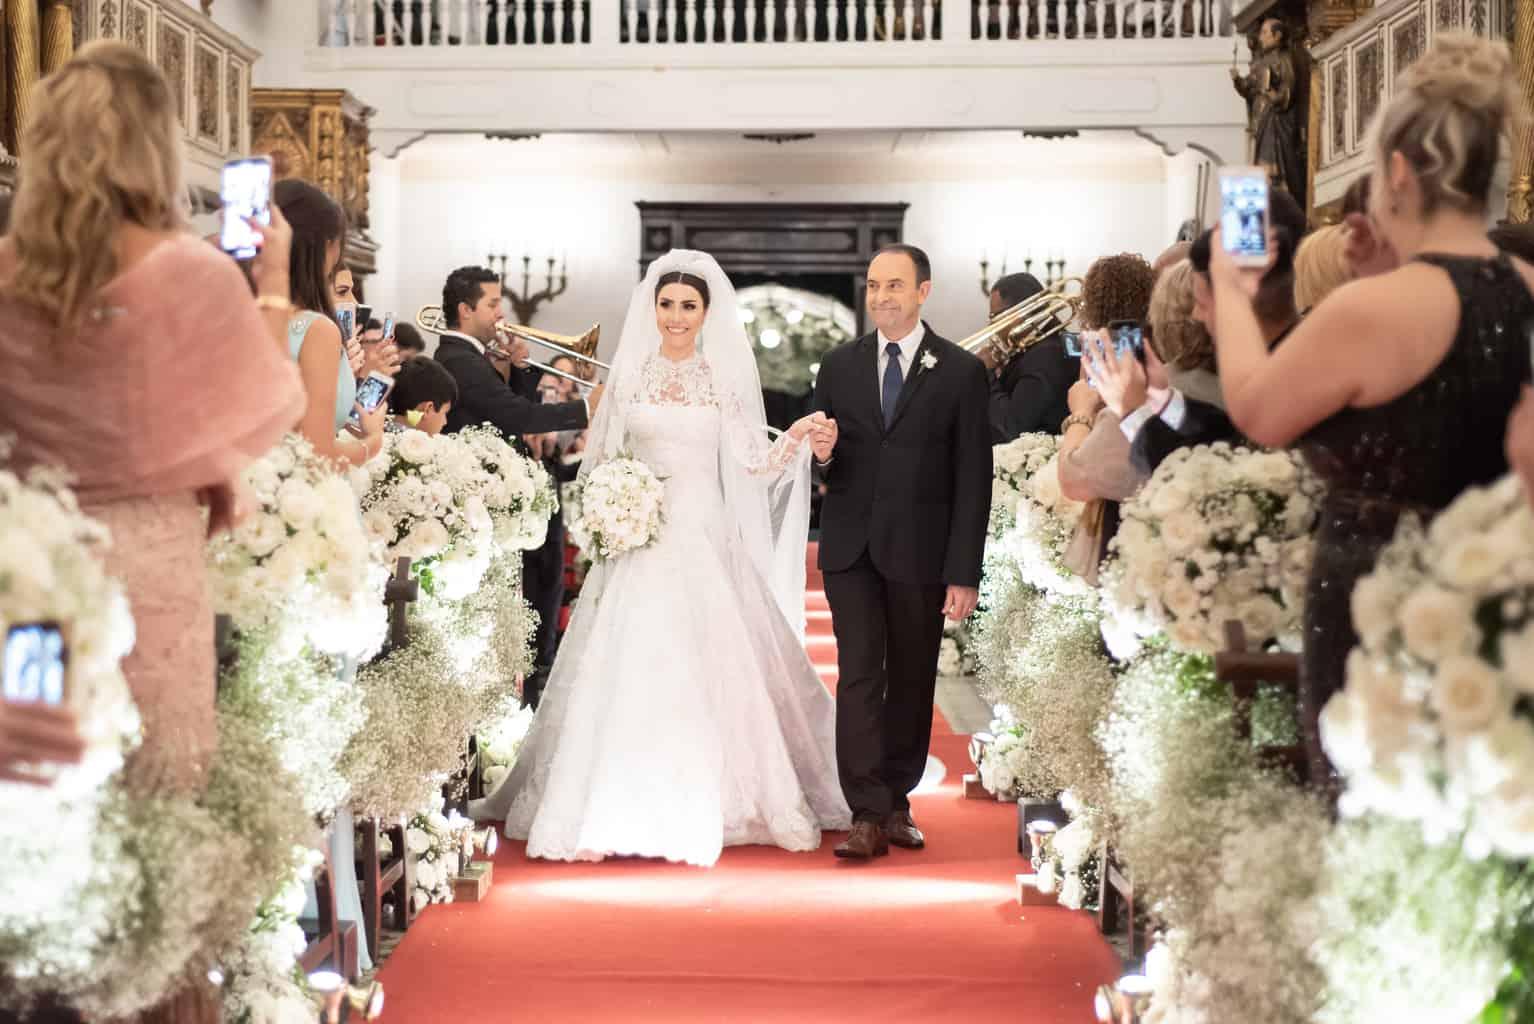 casamento-Patricia-e-Thiago-Igreja-Nossa-Senhora-do-Bonsucesso-Paula-Rocha-Marina-Fava-Cerimonia0738-Patricia-e-Thiago-WAL_3647